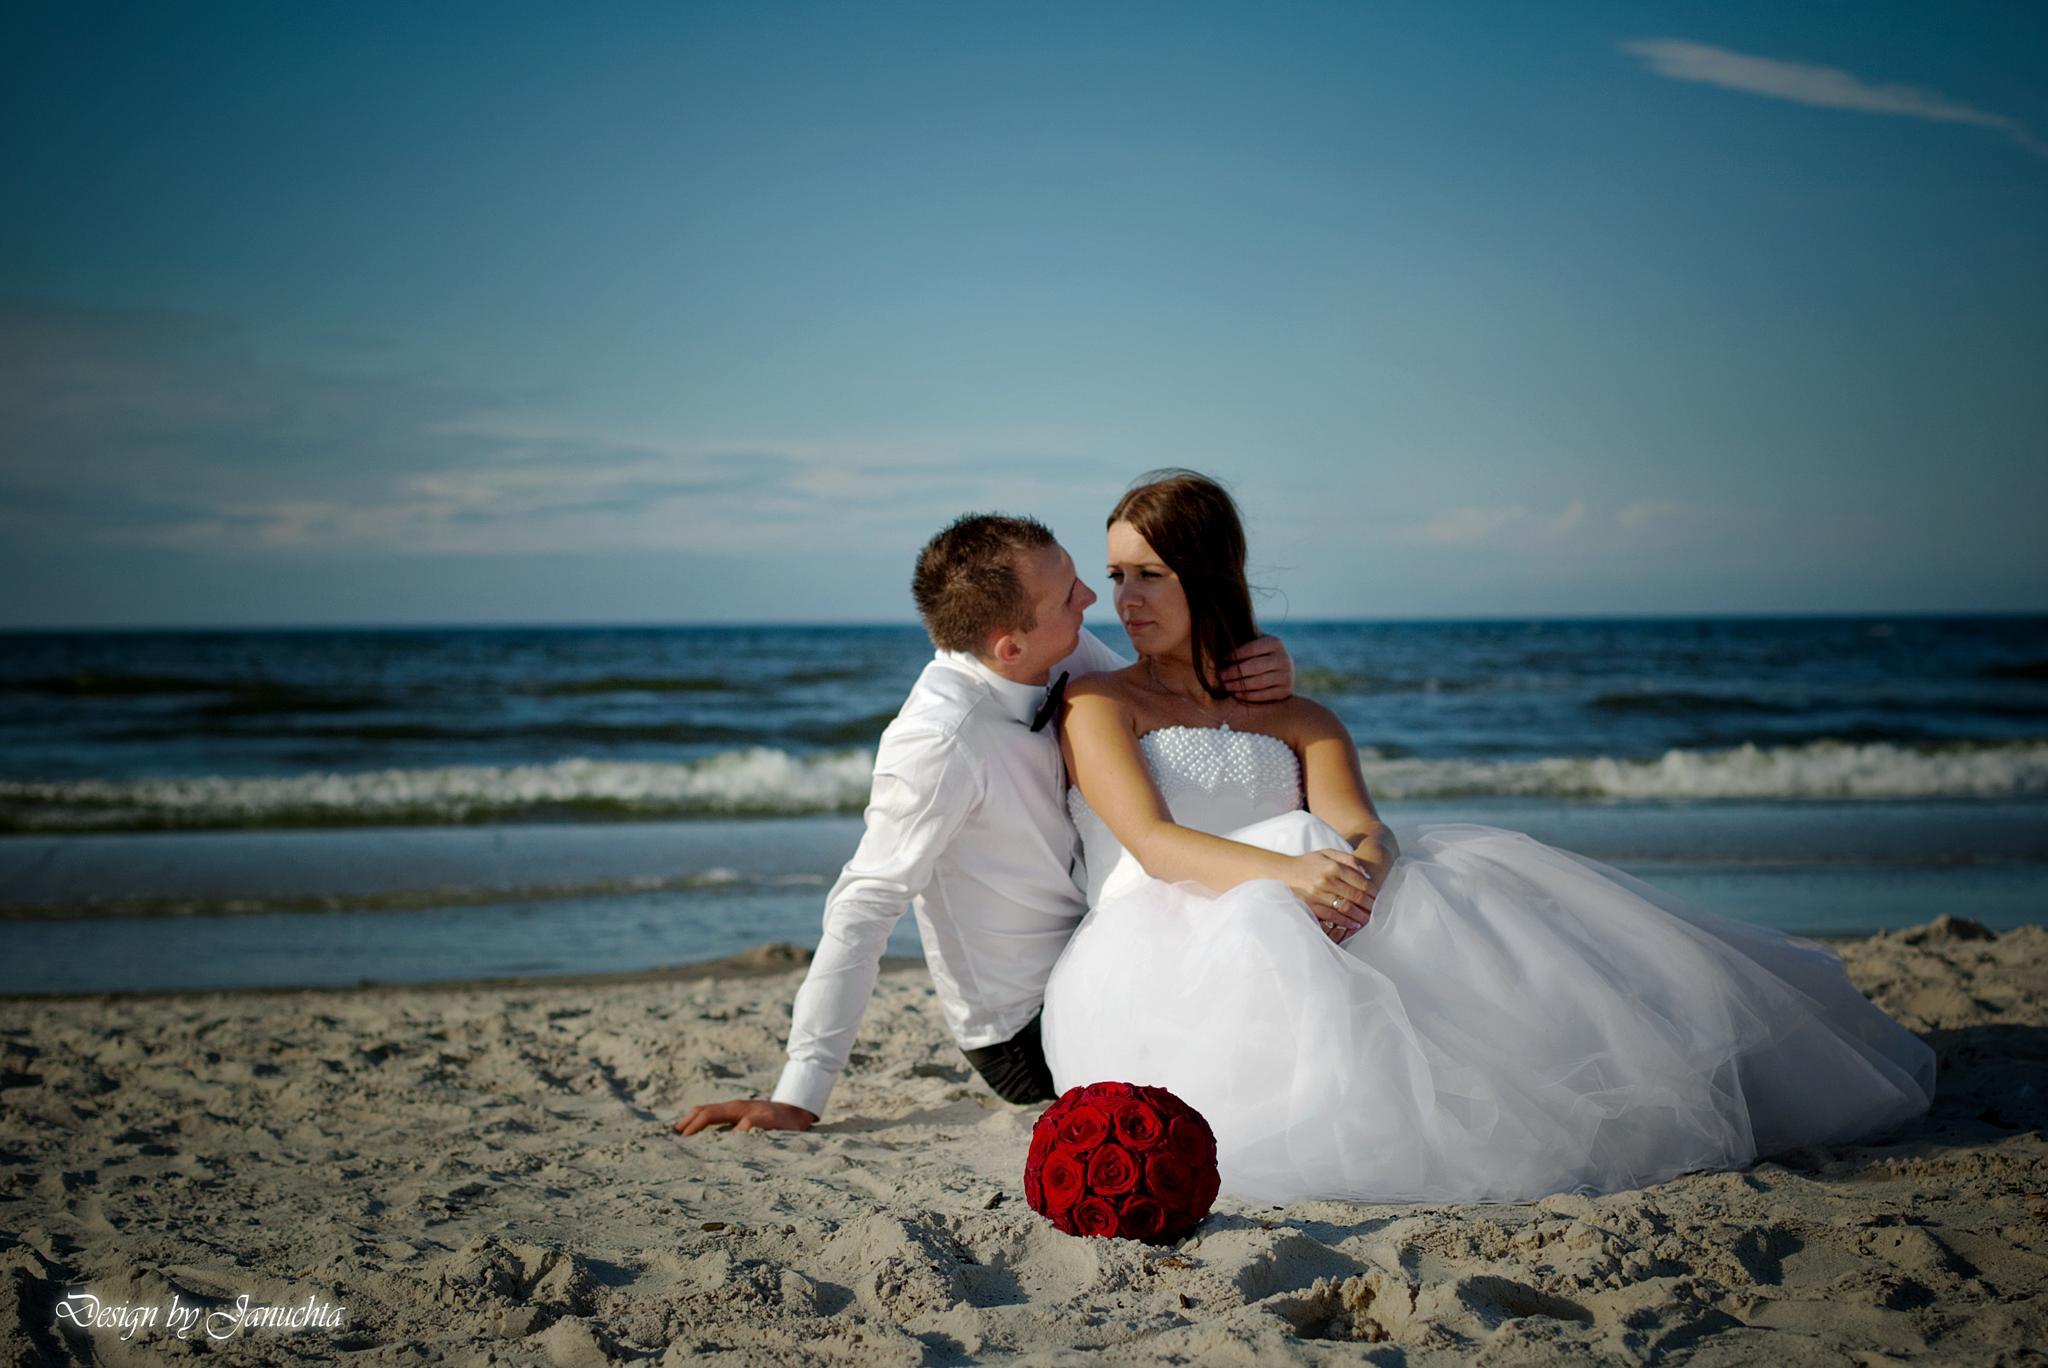 Wedding by Januchta